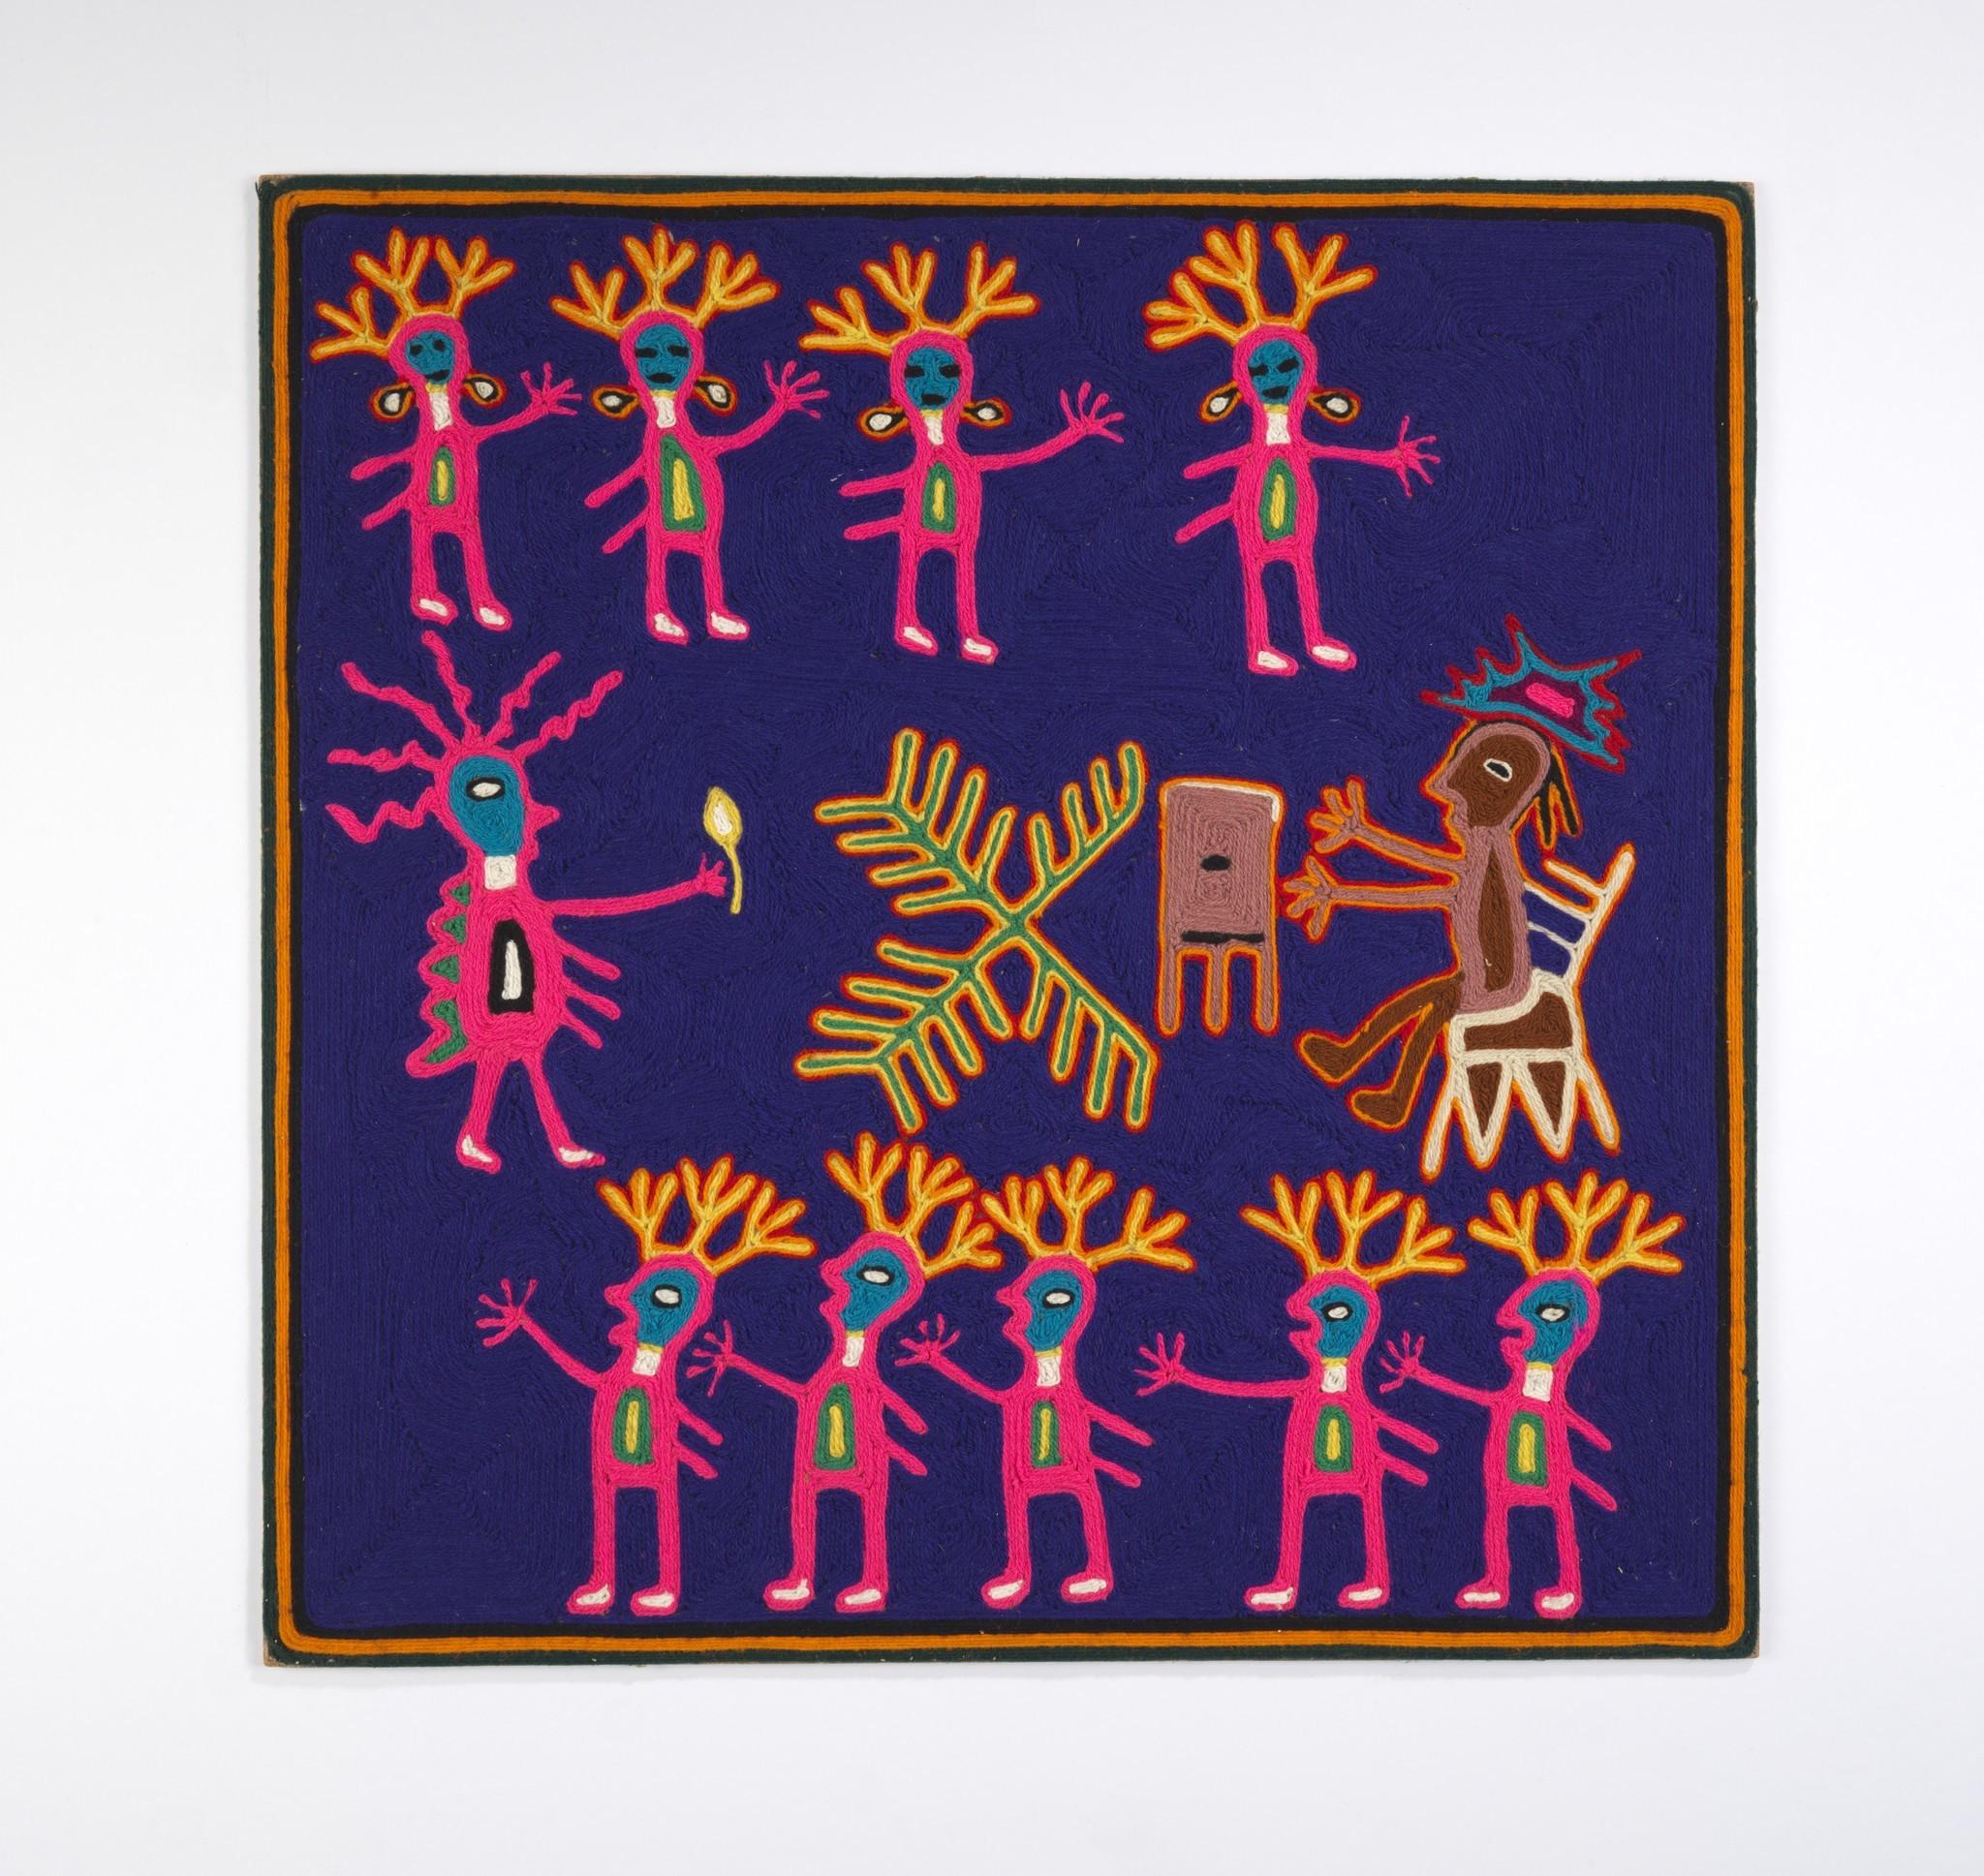 Untitled by Ramon Medina Silva, mid-1960s. Yarn, beeswax, composition board.